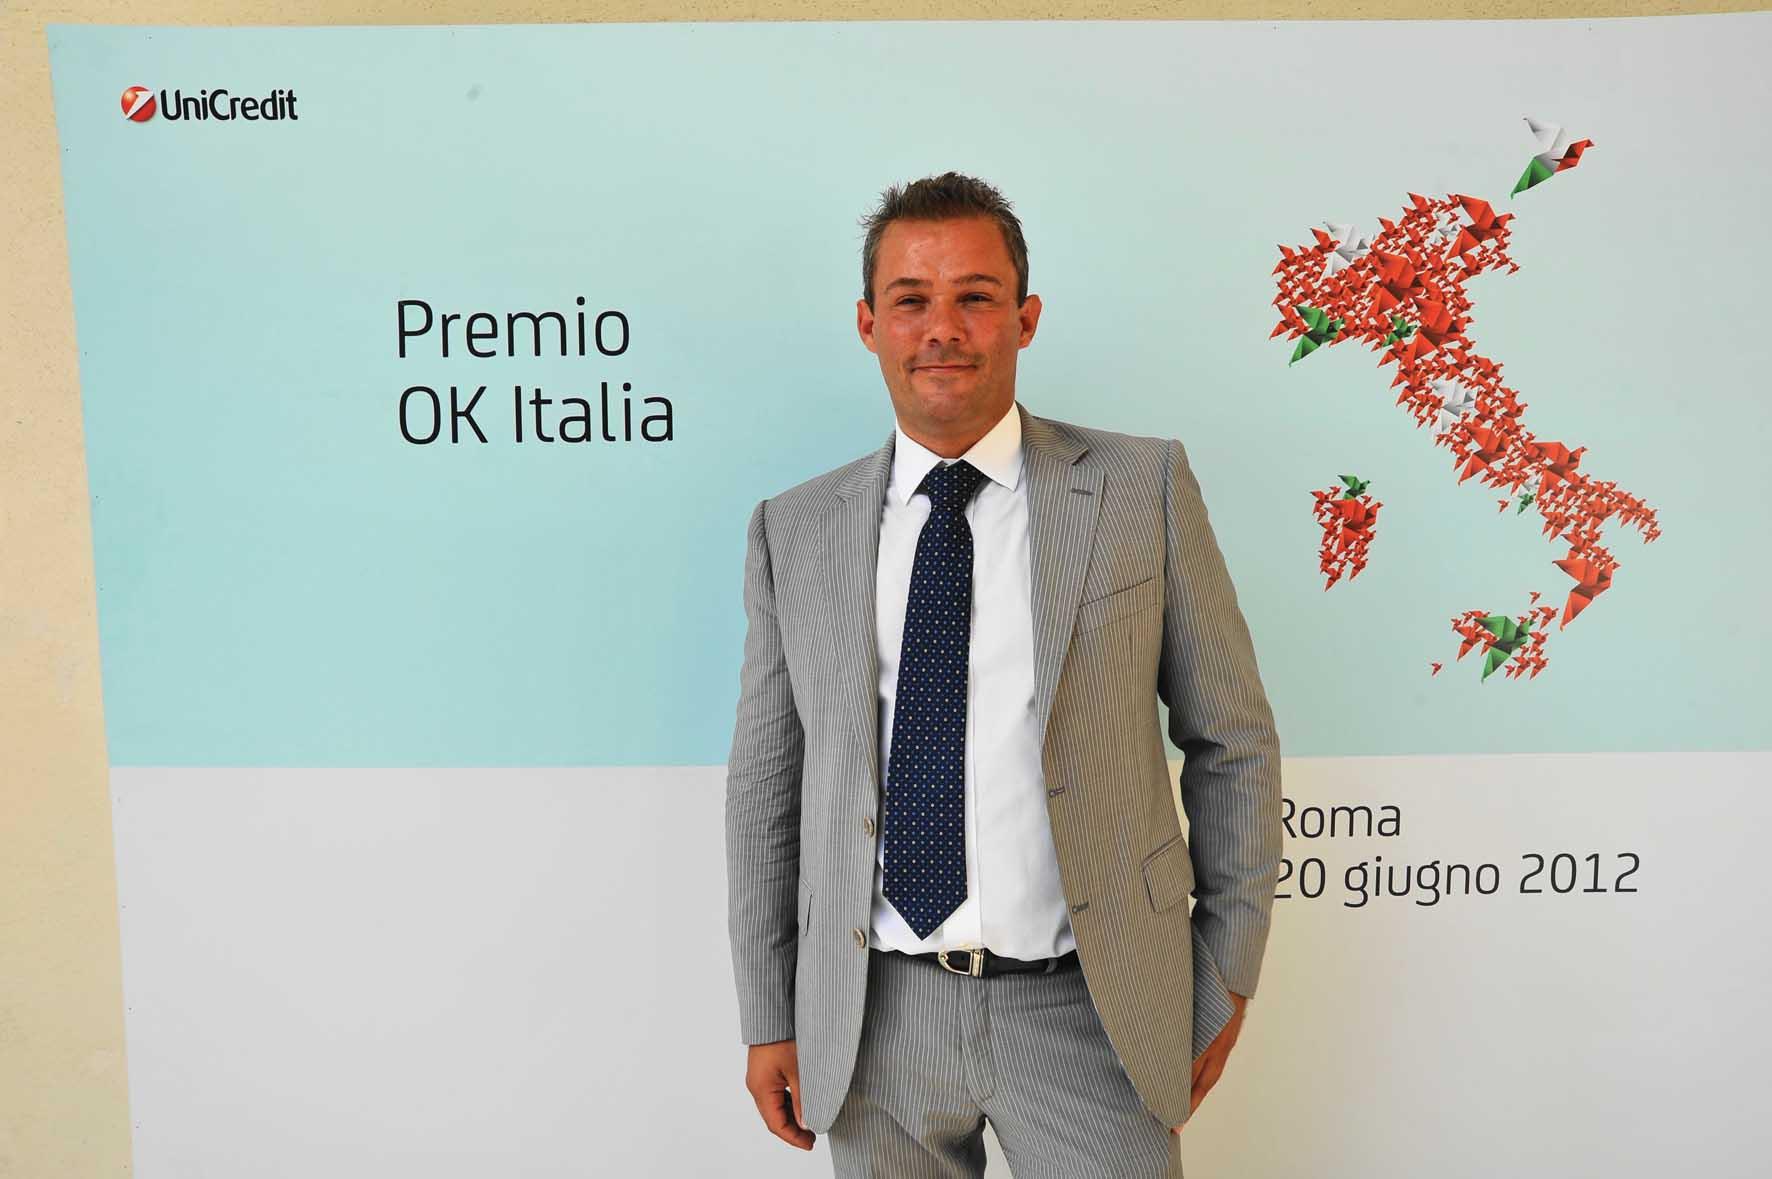 Unicredit premio ok italia AlessandroBorgato Solinfo 1